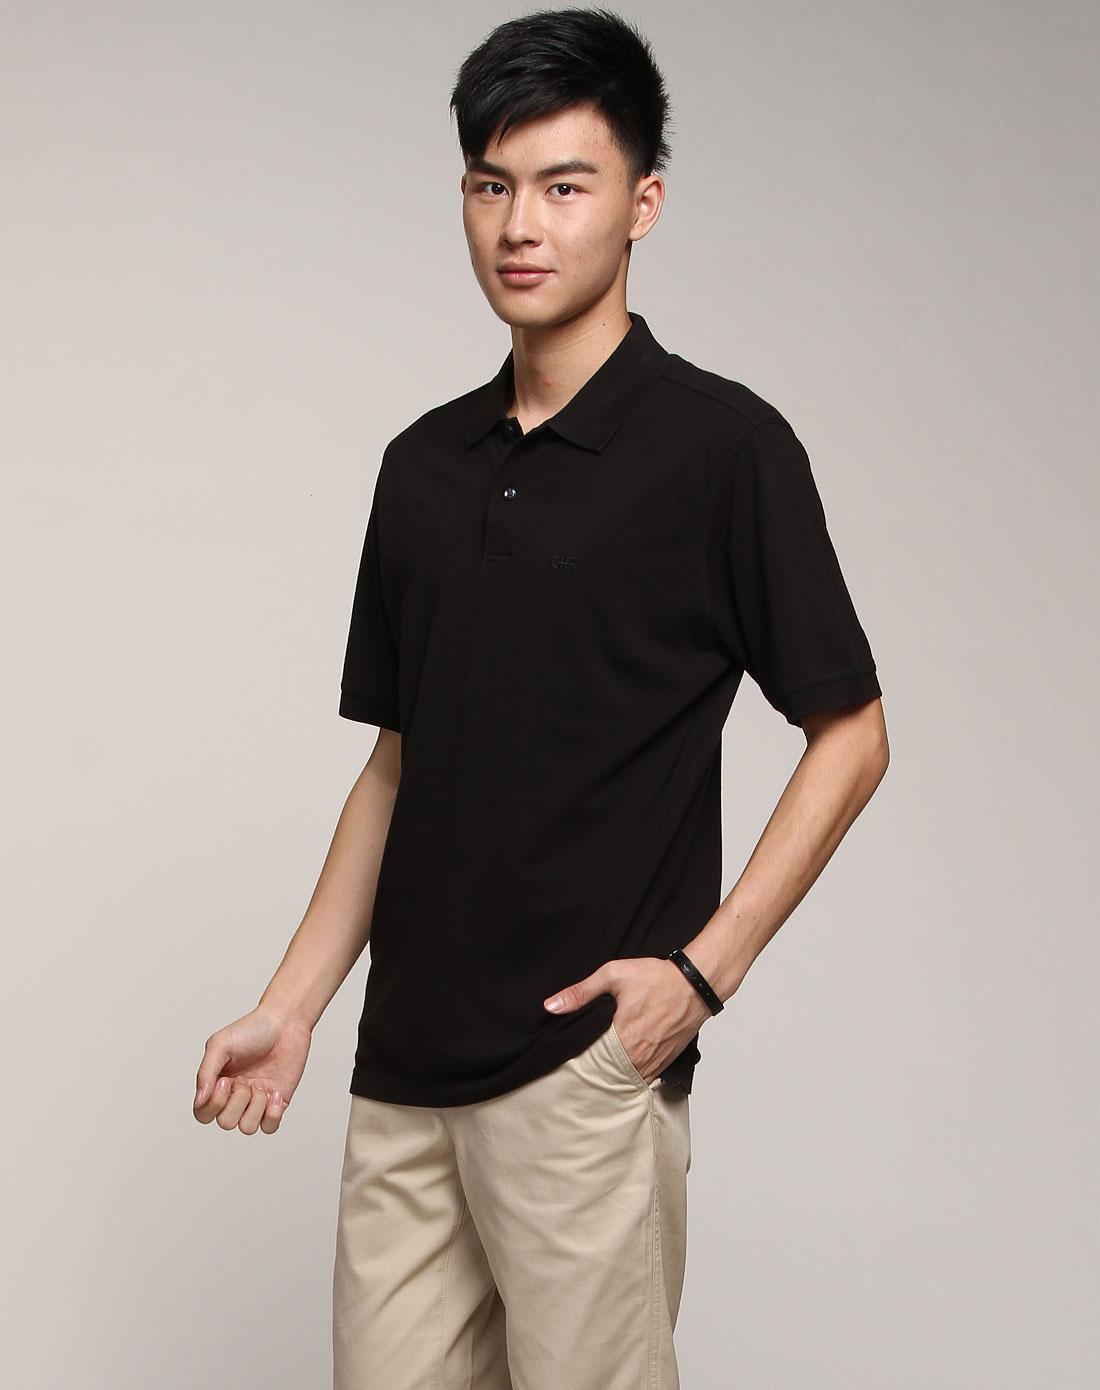 黑色时尚简约短袖t恤